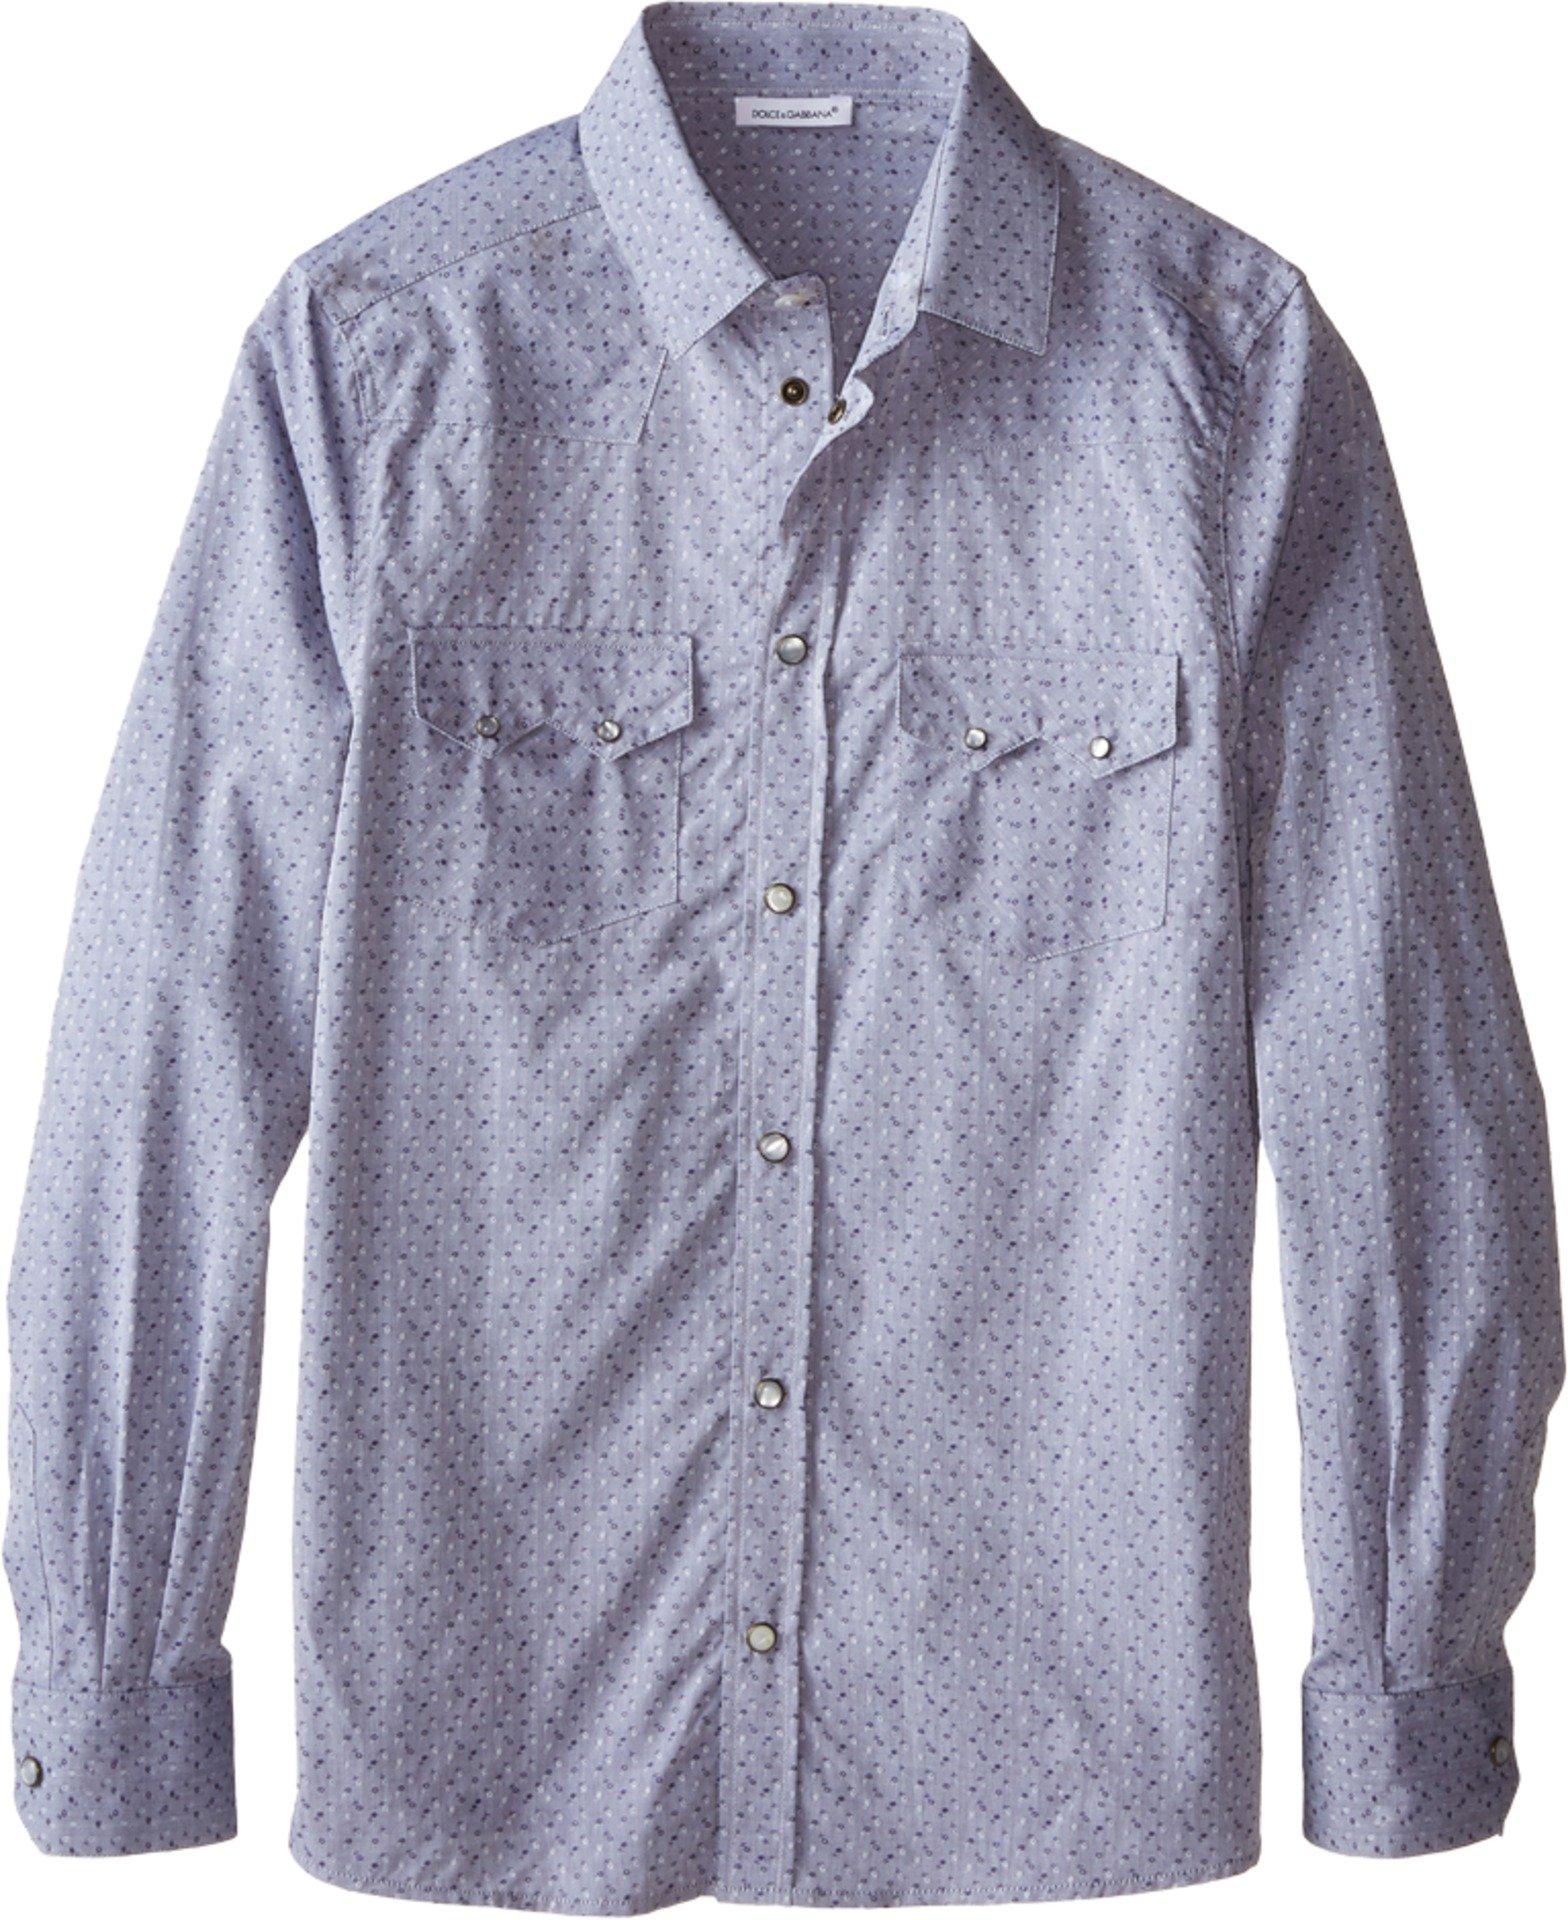 Dolce & Gabbana Kids Boy's Western Shirt (Big Kids) Grey/Jacquard Button-up Shirt by Dolce & Gabbana